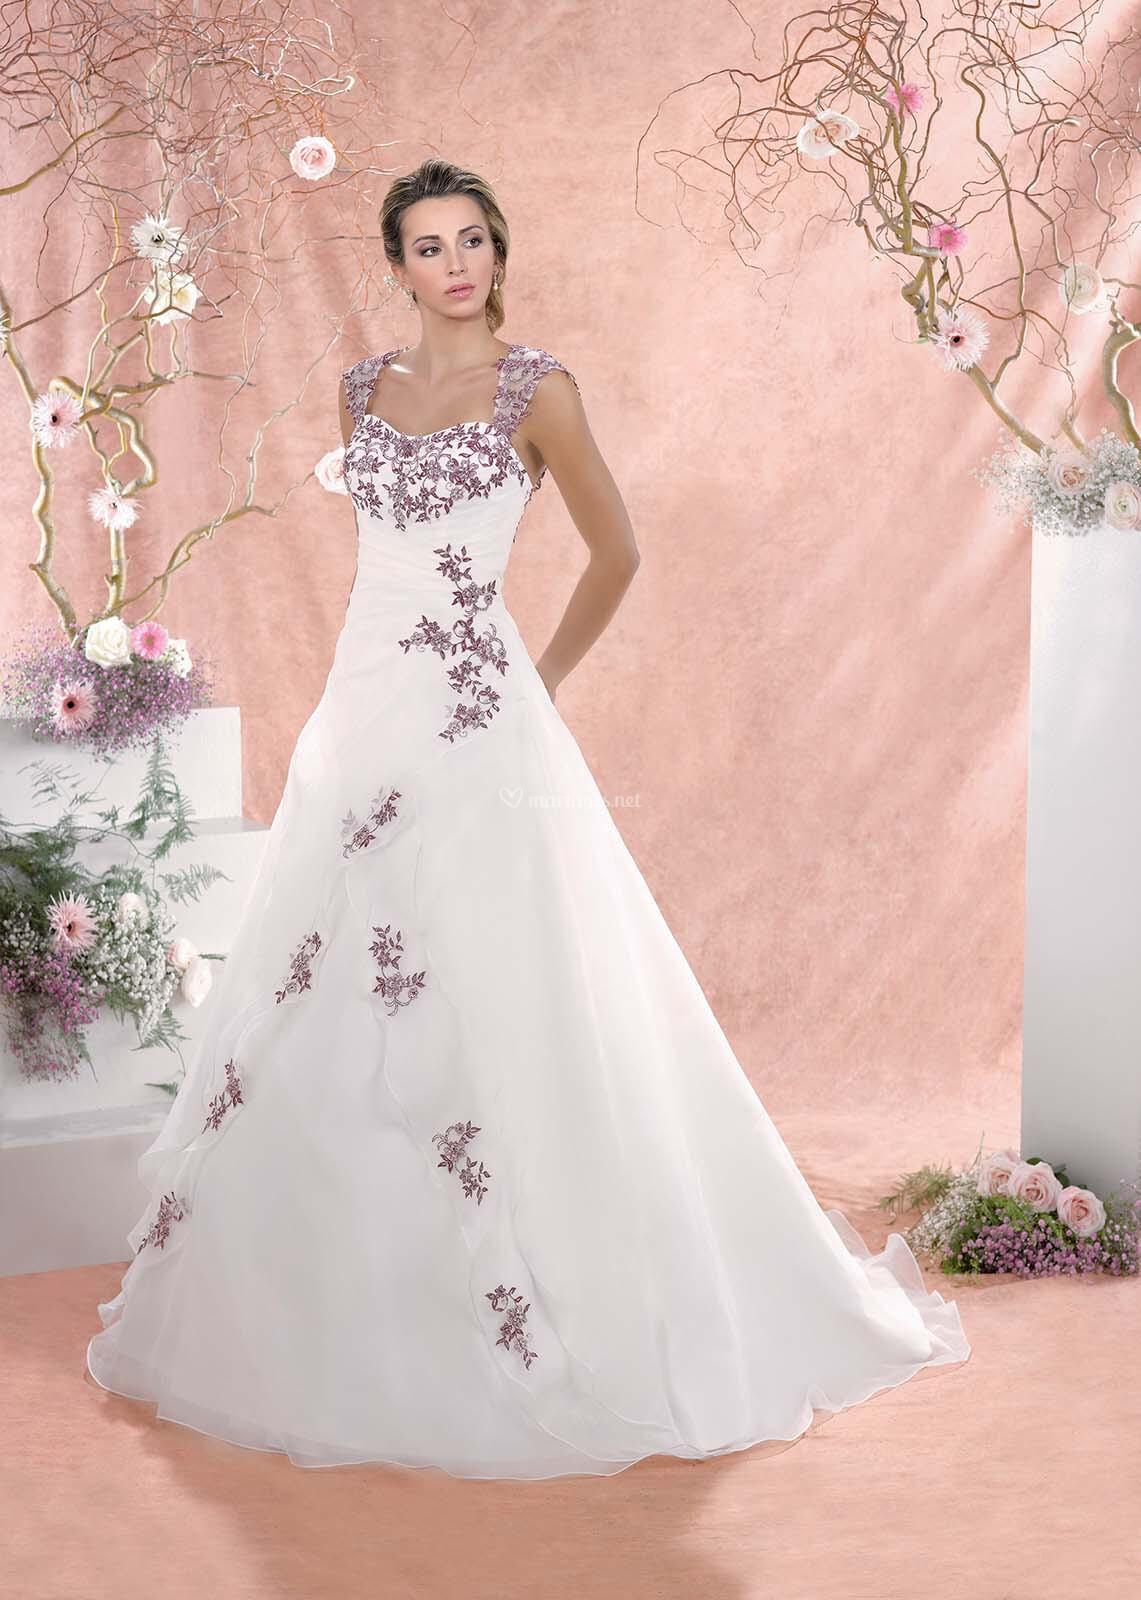 d1727e75acd Robes de mariée de Miss Paris - 2018 - Mariages.net